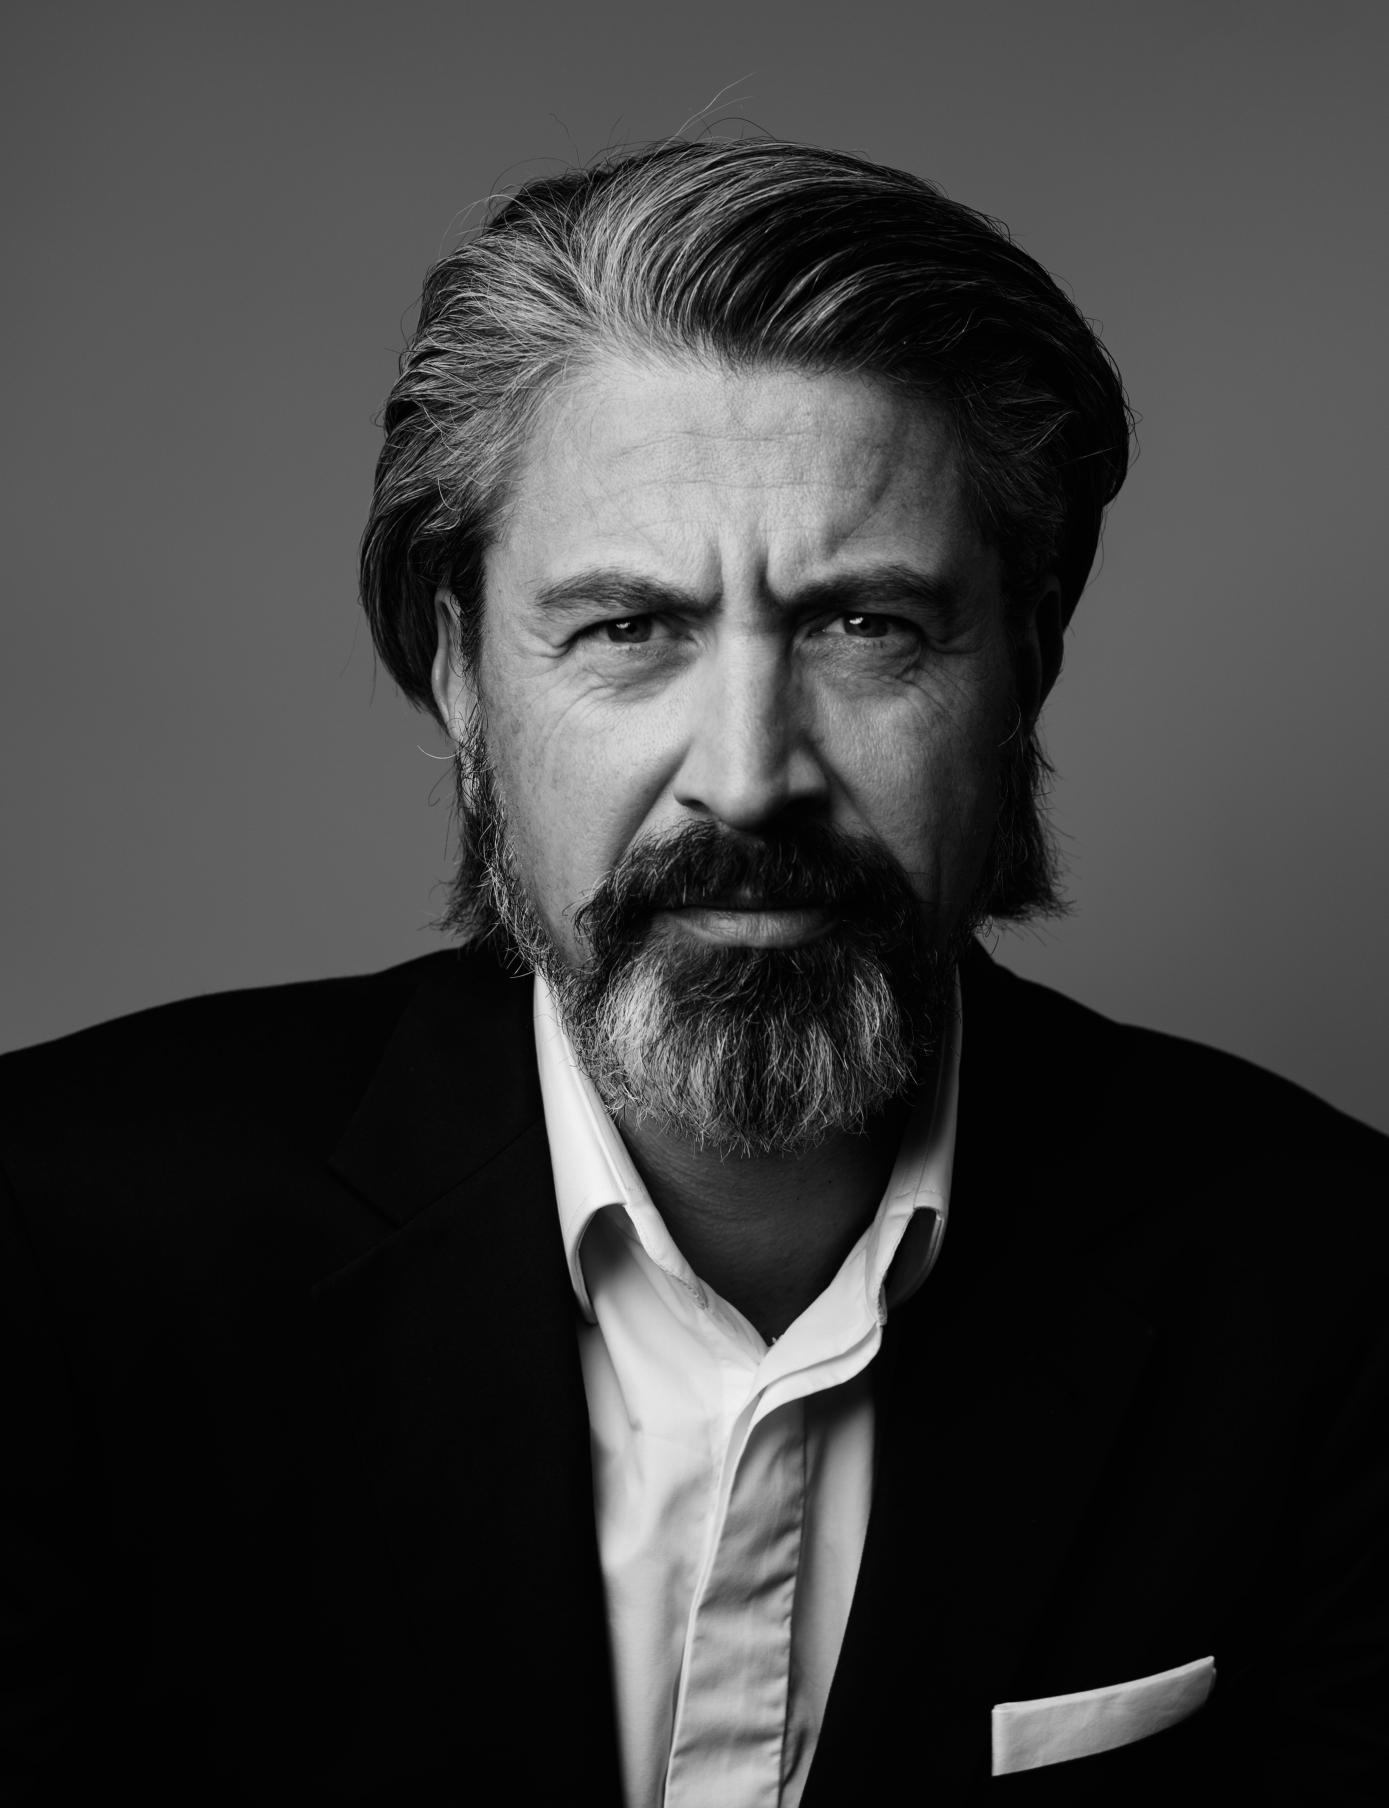 ALEXANDER KOPPEL, CEO